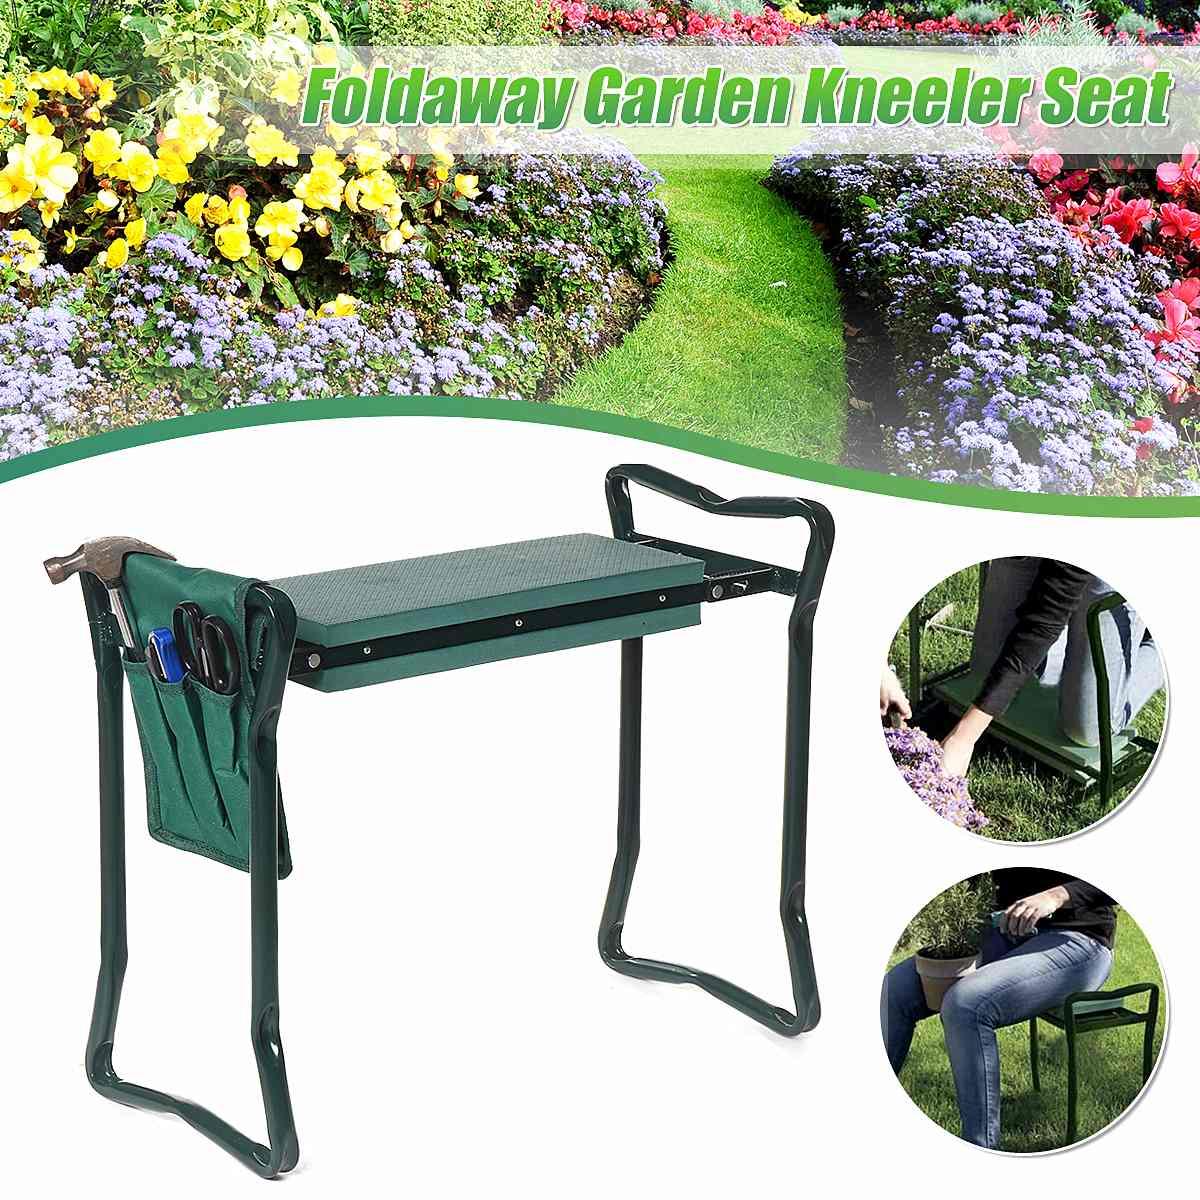 Bolsa de Armazenamento Fezes com Espuma Multifuncional Dobrável Jardim Kneeler Ferramenta Bolsa Portátil Eva Cadeira Assento 2020